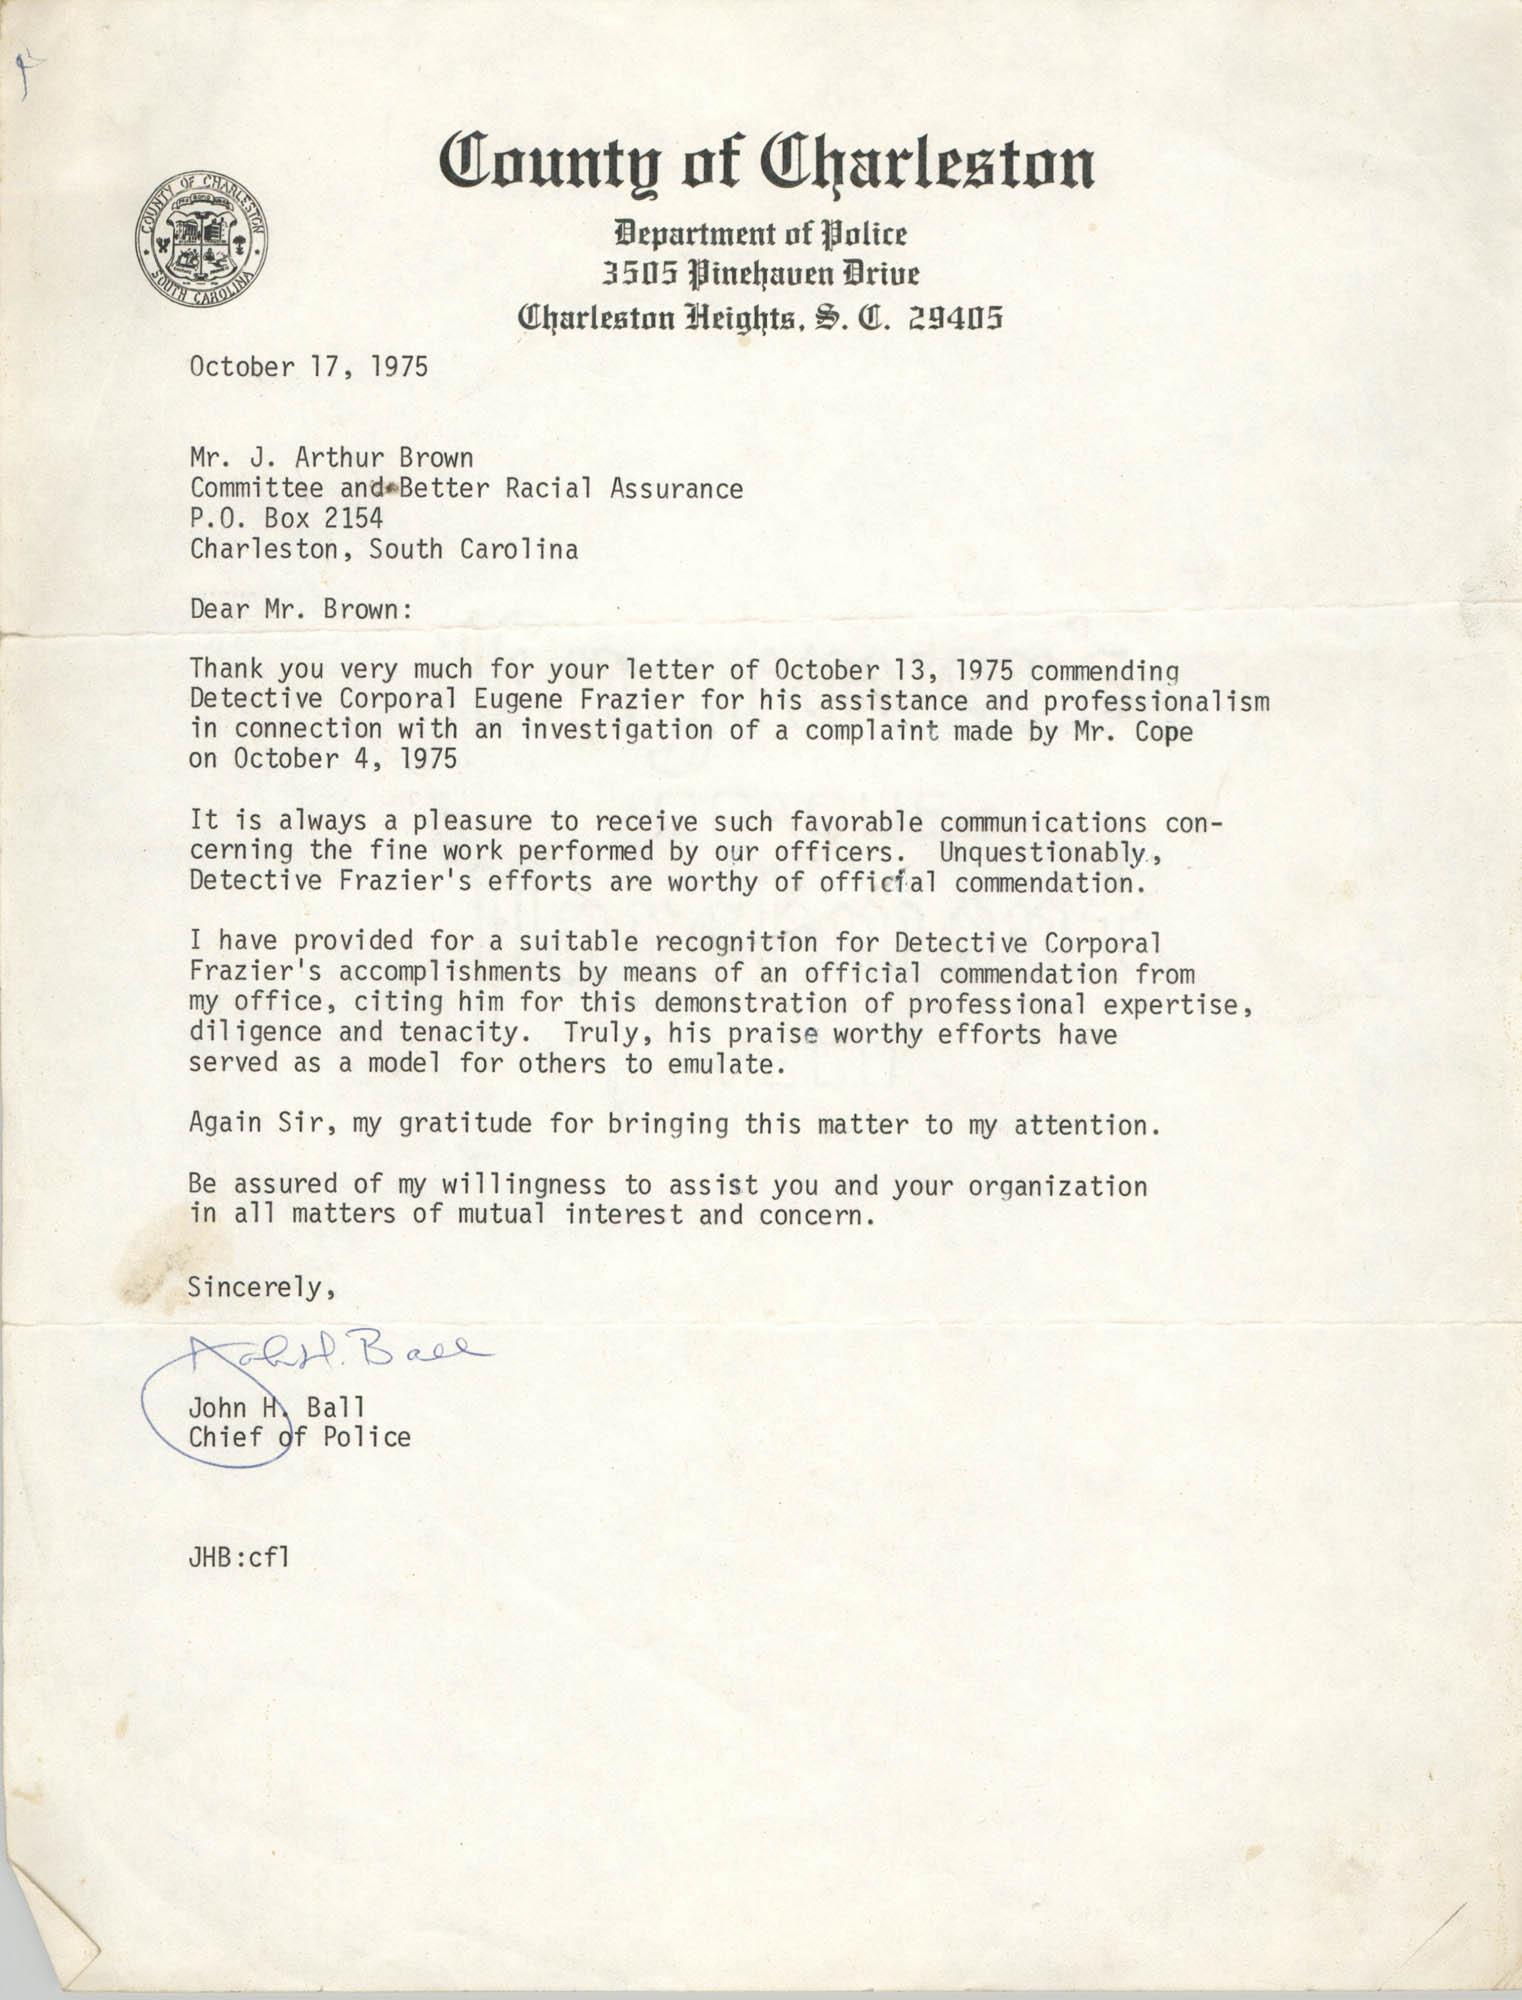 Letter from John H. Ball to J. Arthur Brown, October 17, 1975